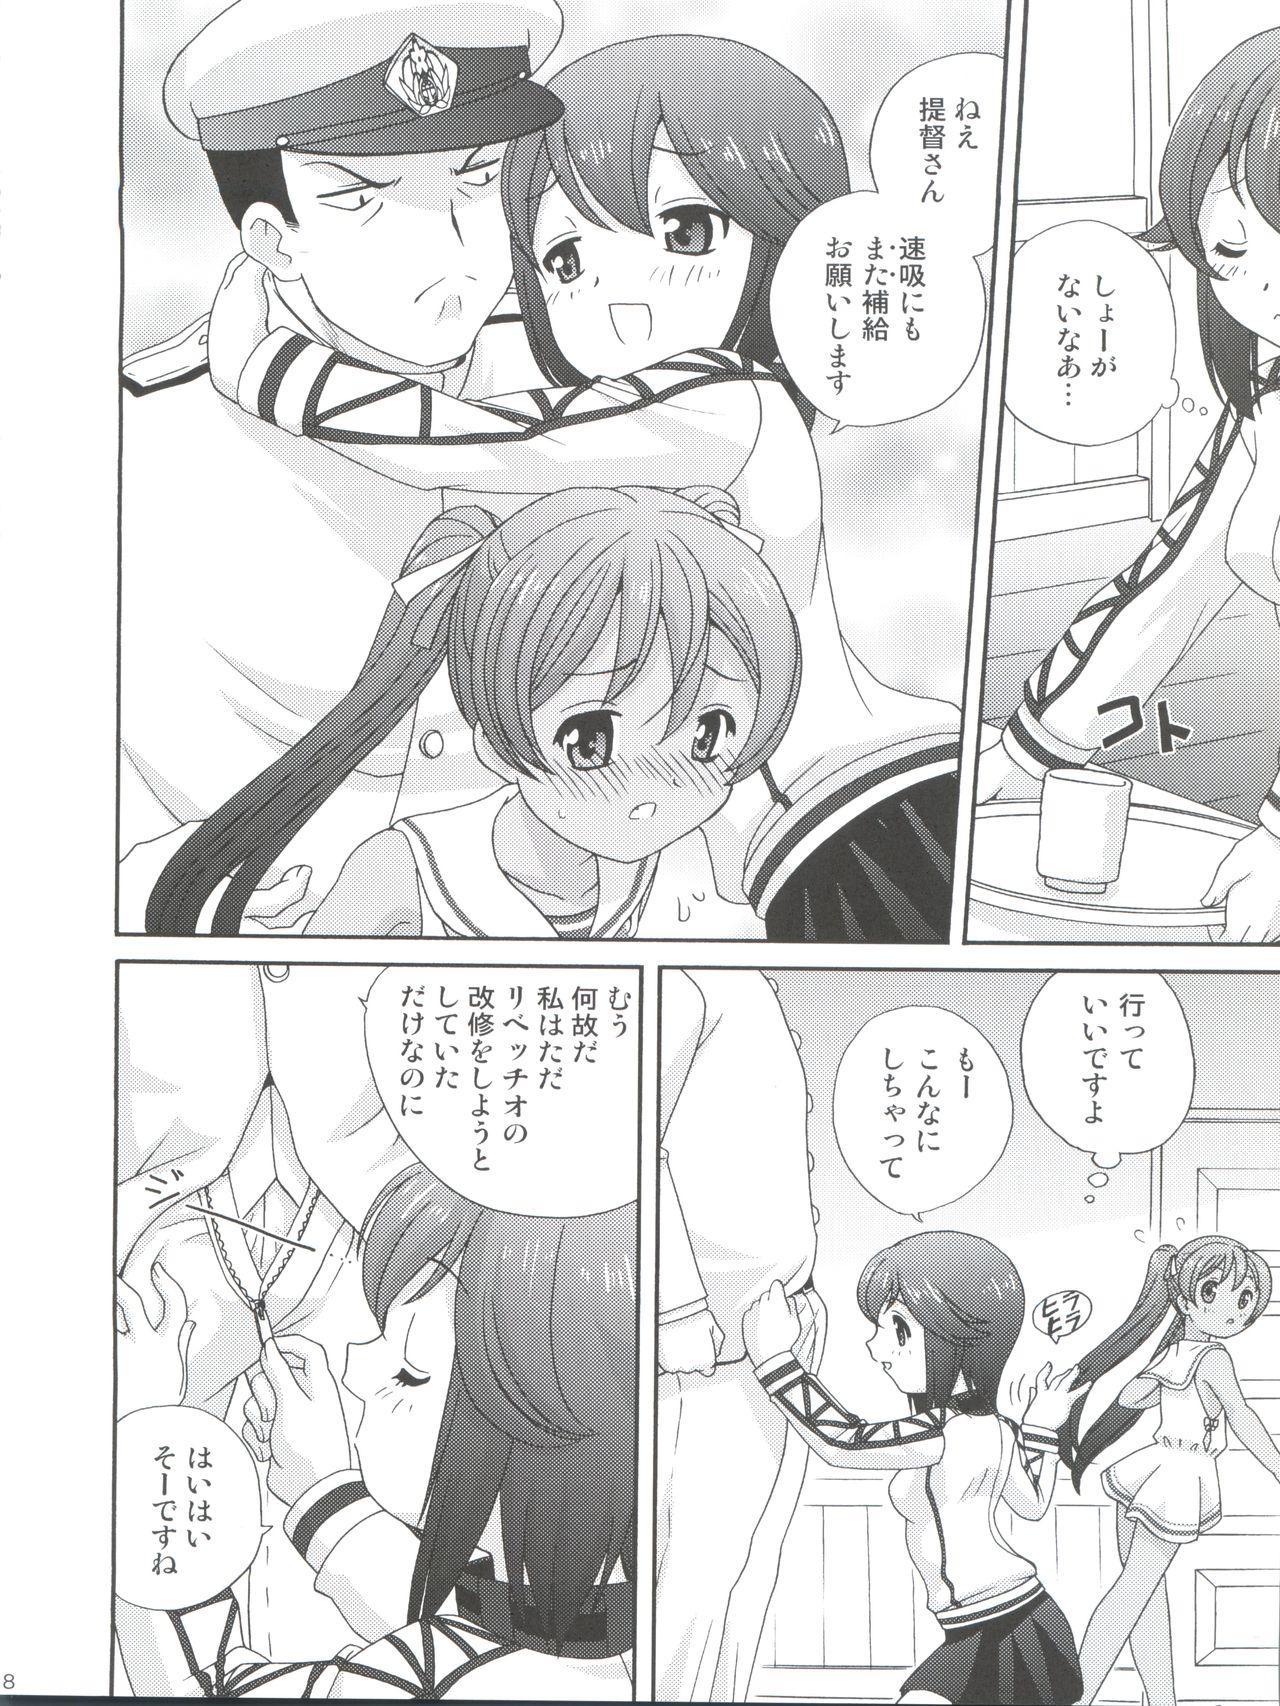 Hokyuu Onegaishimasu! 7